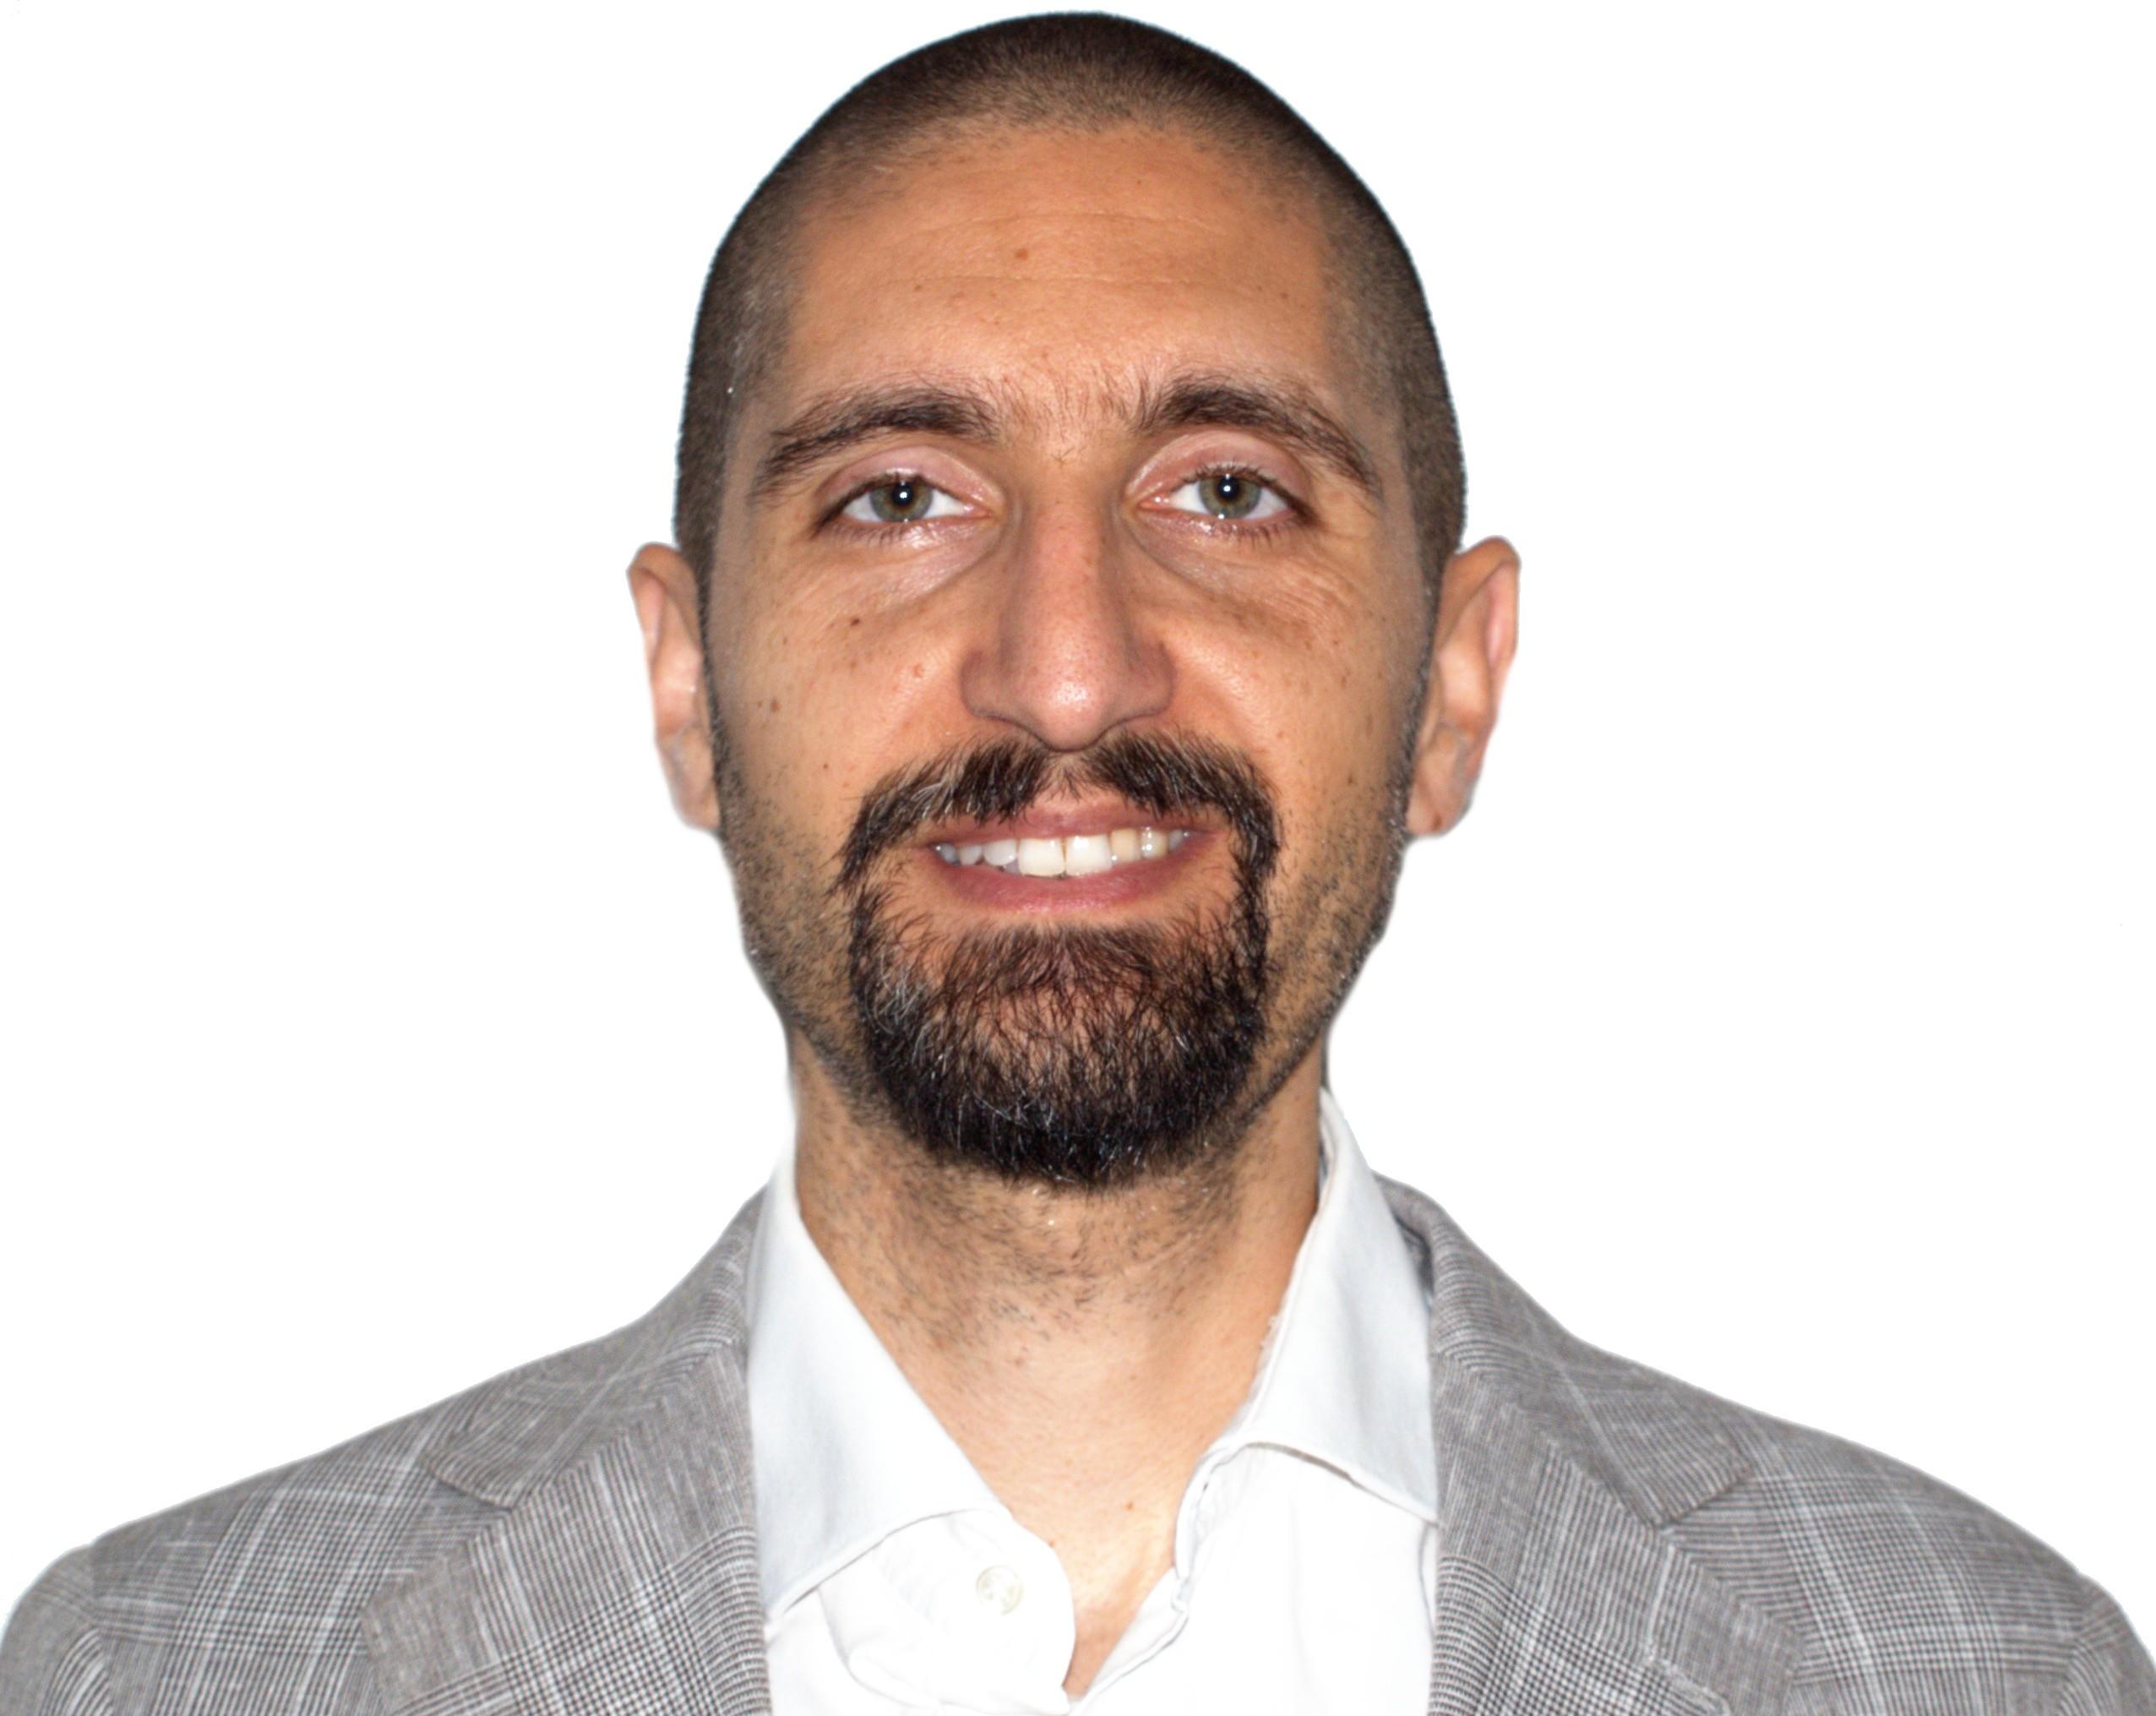 Davide Gaudesi